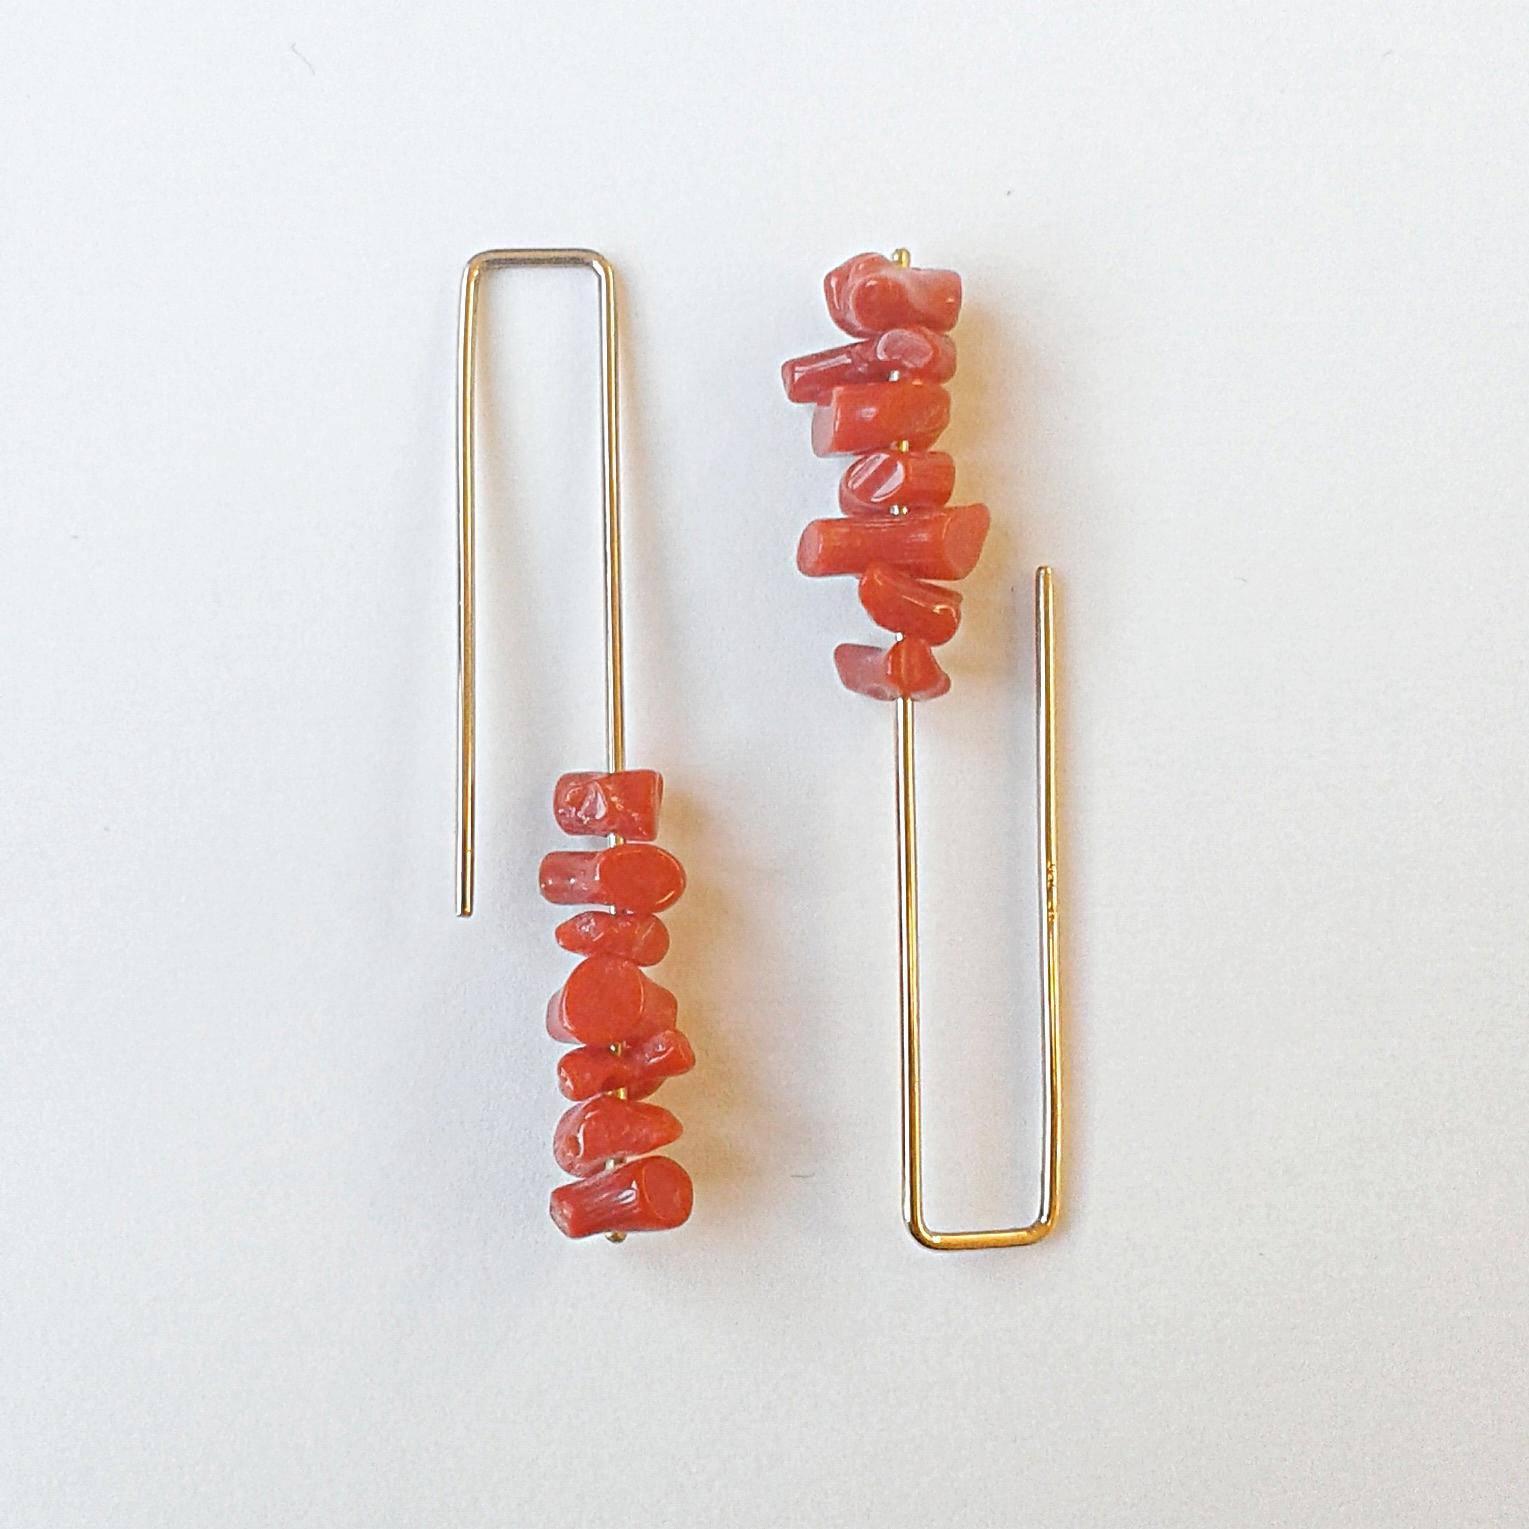 Ohrschmuck No.13 - Koralle / Roségold 750 / Fr. 270.00auch in Silber 925 erhältlich / Fr. 140.00